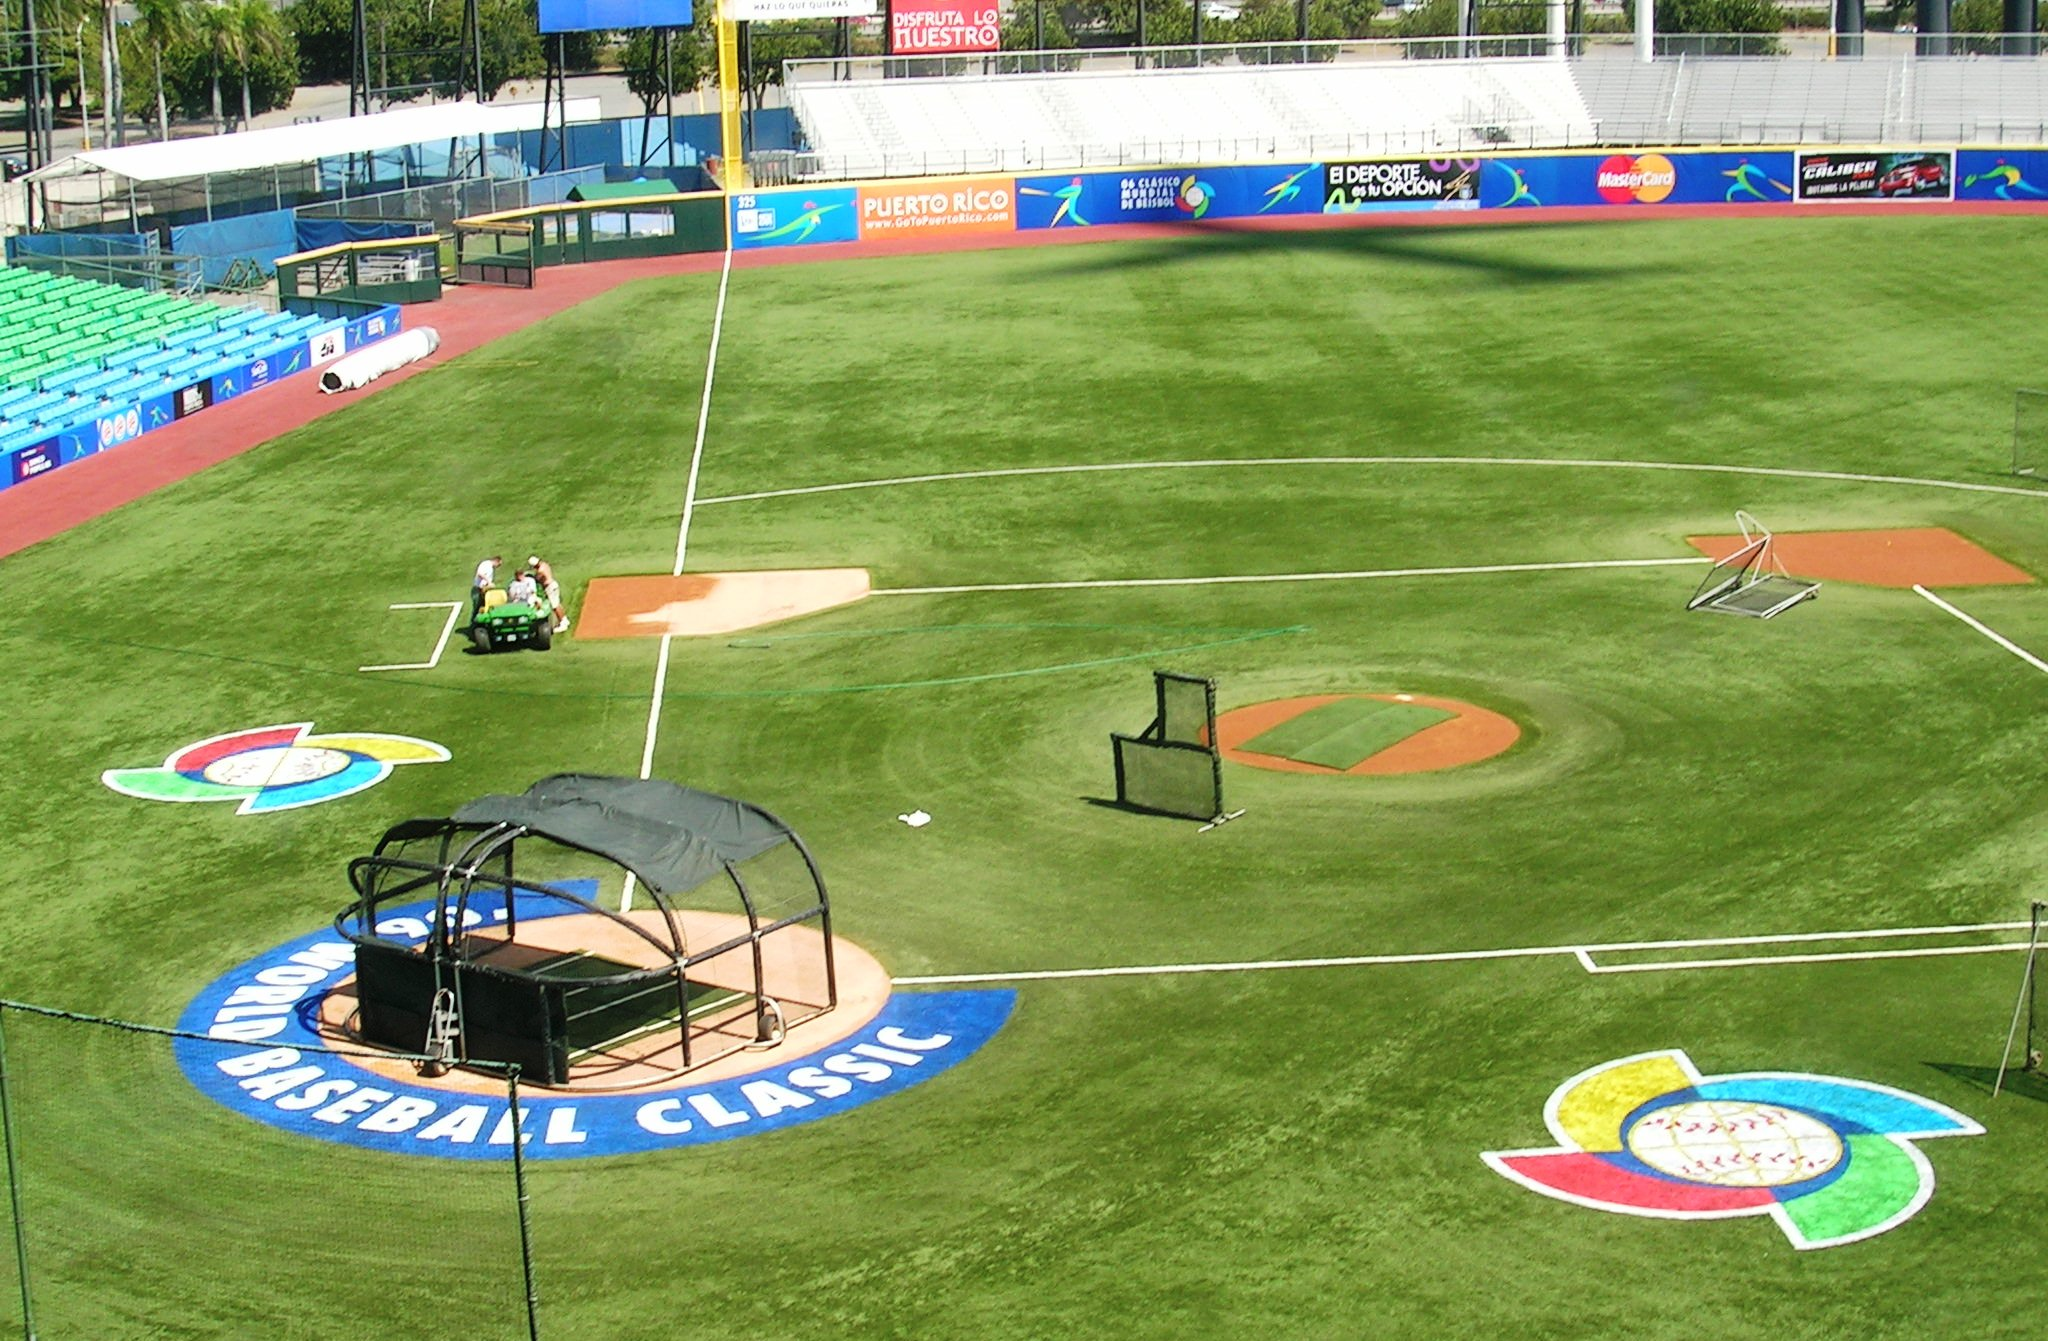 Baseball field grass wallpaper